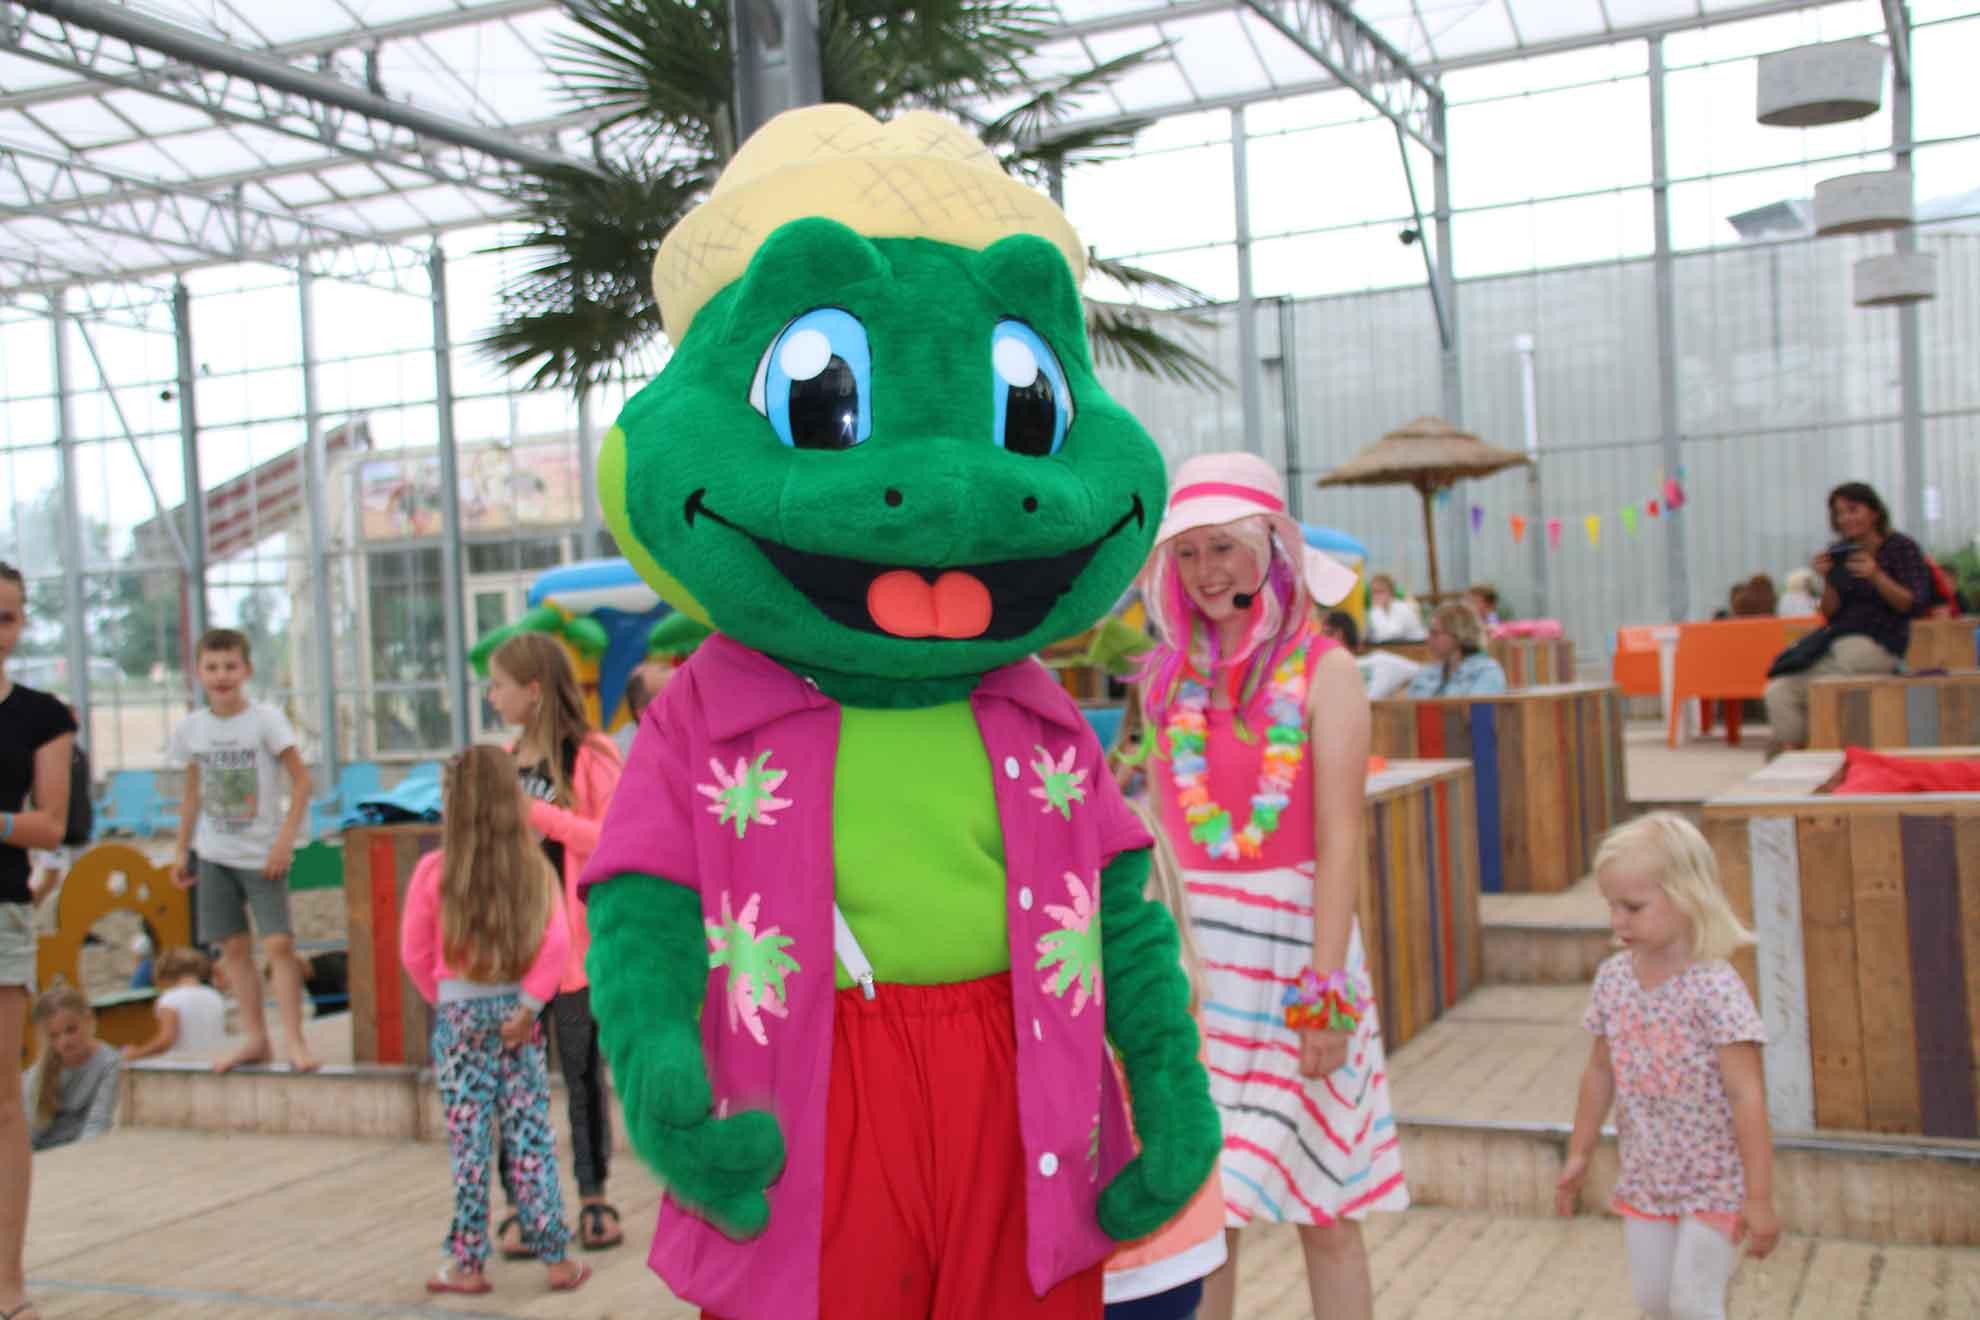 Mooie en ruime kindercamping in het Vechtdal Overijssel! - Kinder camping Vechtdal Overijssel